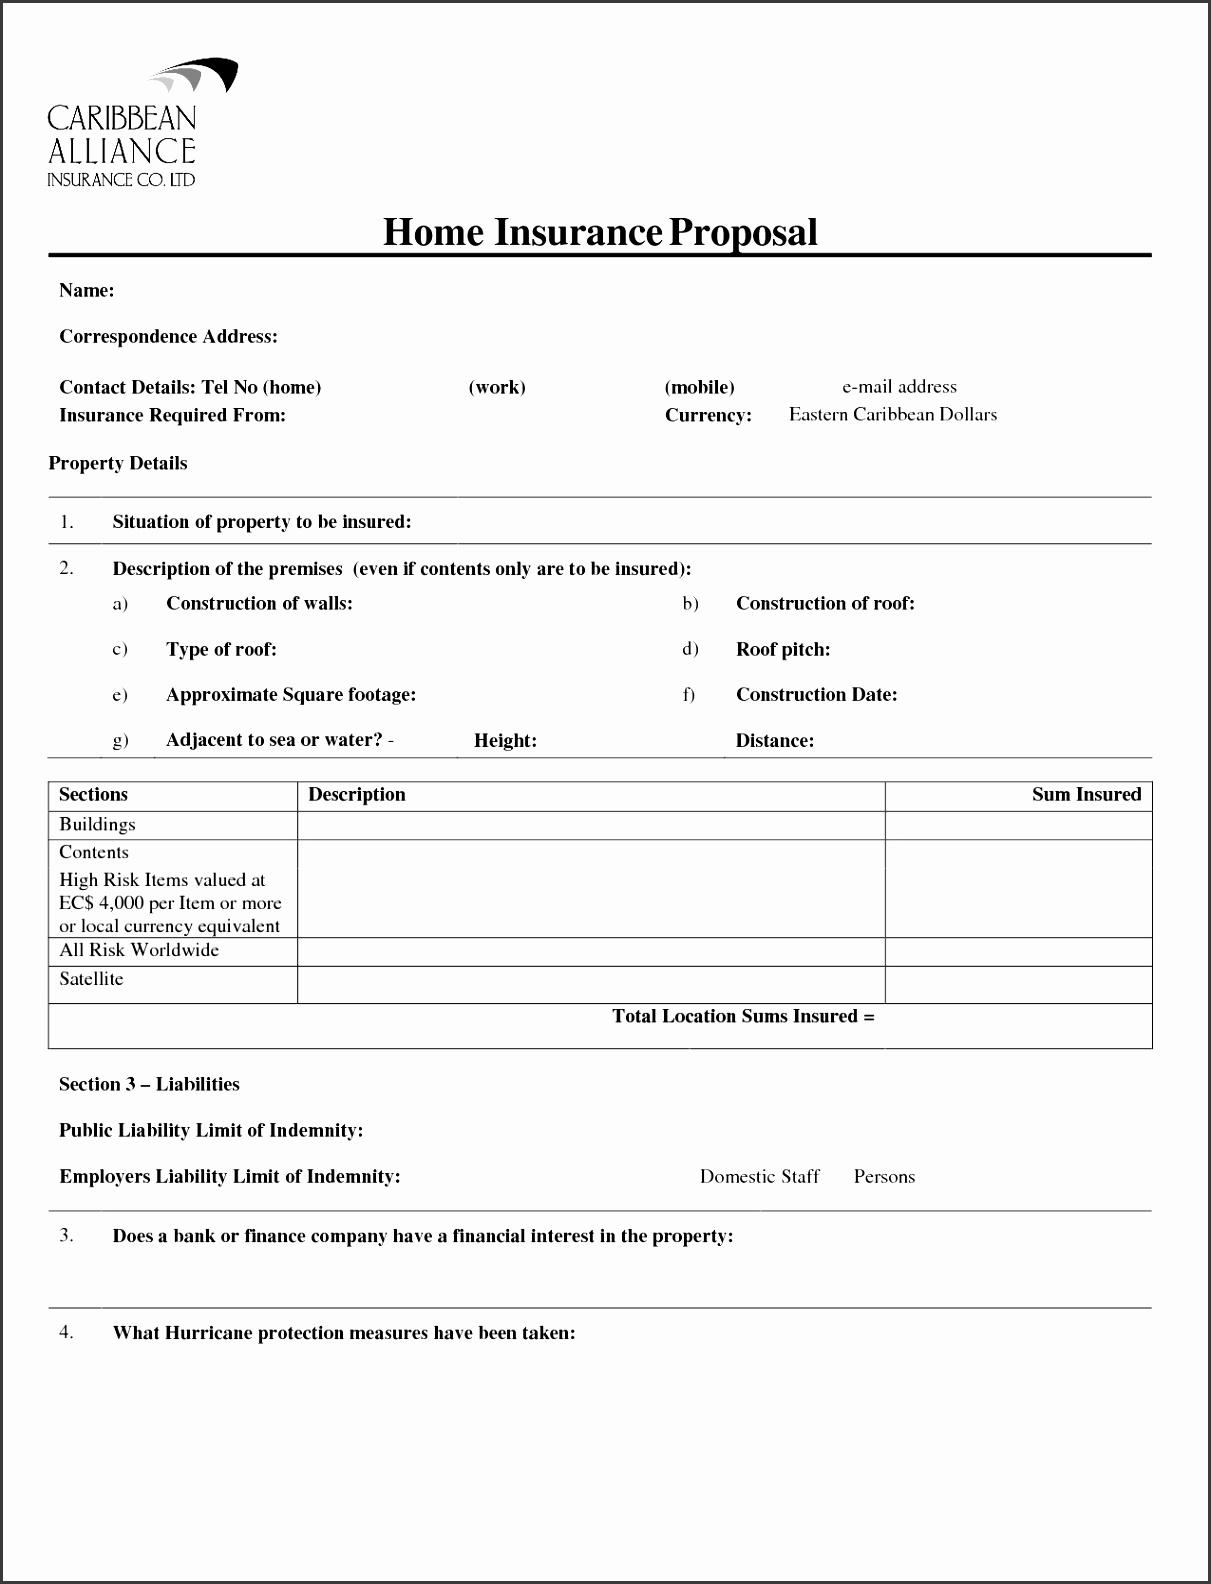 Proposal form Elegant form Insurance Proposal form